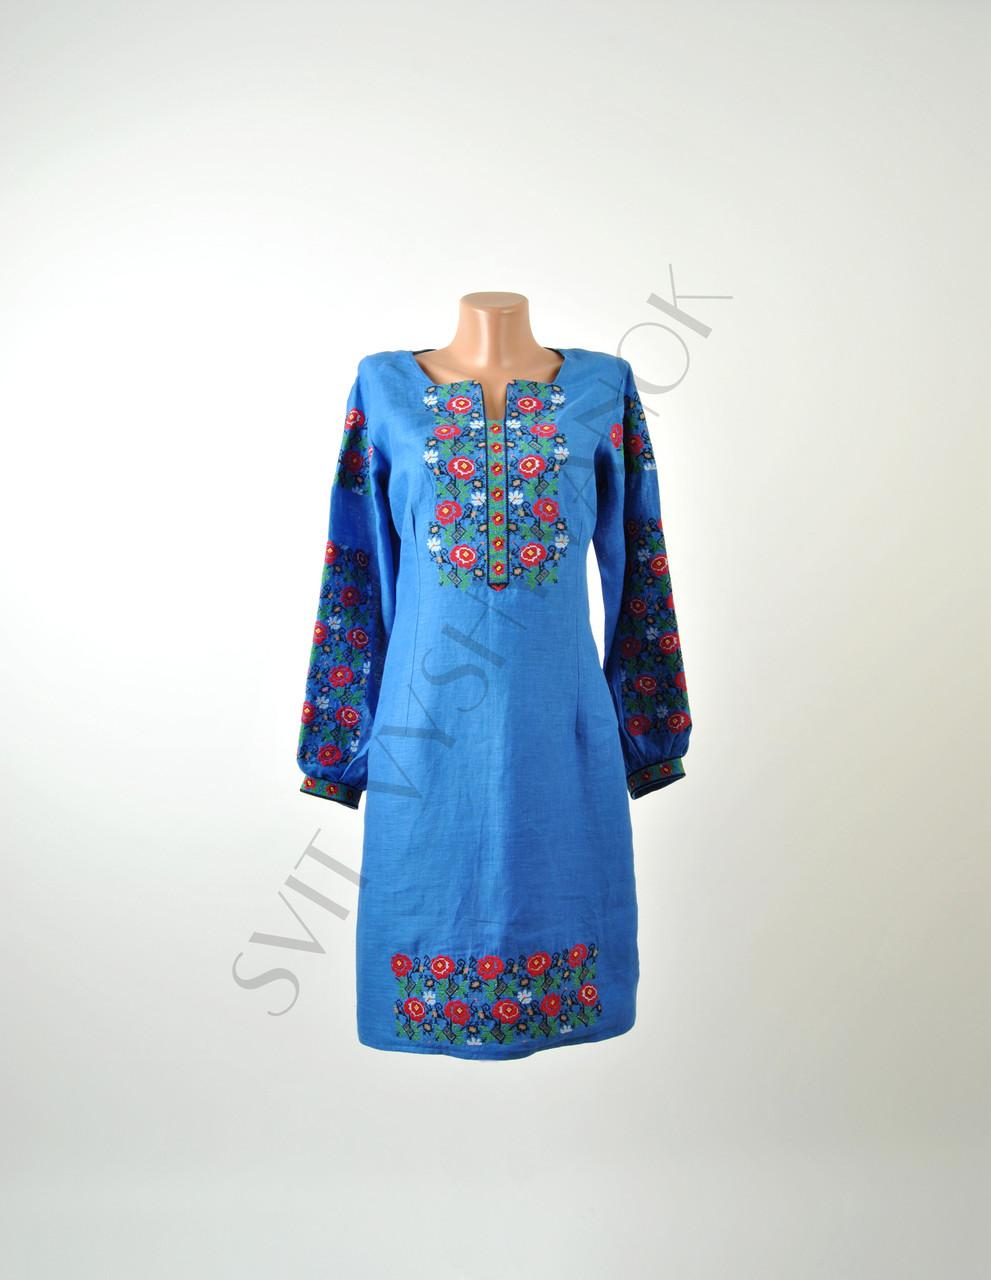 Вишите лляне голубе плаття з машинною вишивкою - Інтернет-магазин вишиванок  для всієї сім  d581b006c28f6